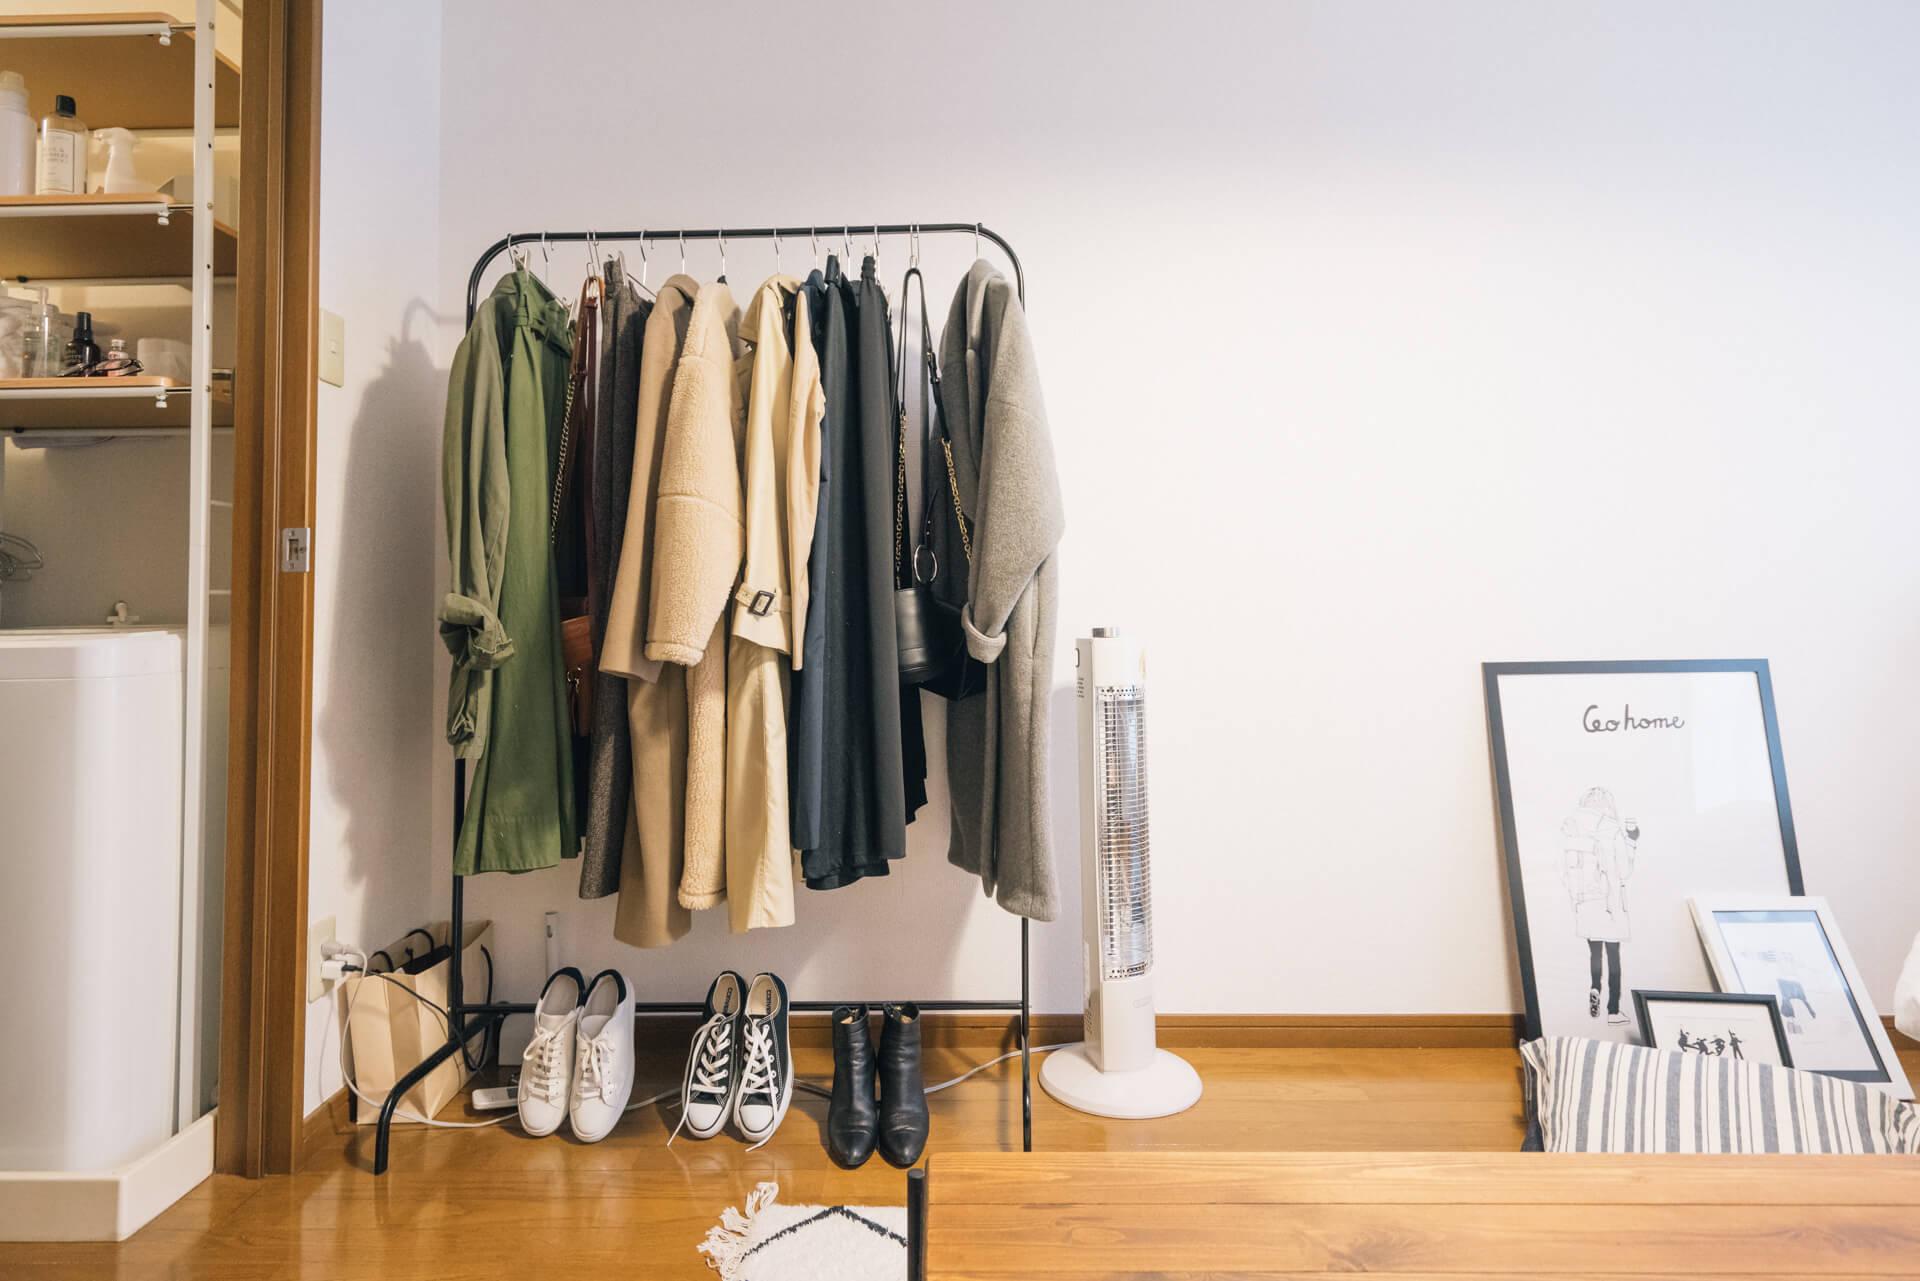 こちらはIKEAで売られているハンガーラックを利用した収納。服は色別にまとめるとオープン収納でもすっきりと見えます(参考:「黒」がお部屋を引き締める。Tyさんの大人シックなワンルーム)